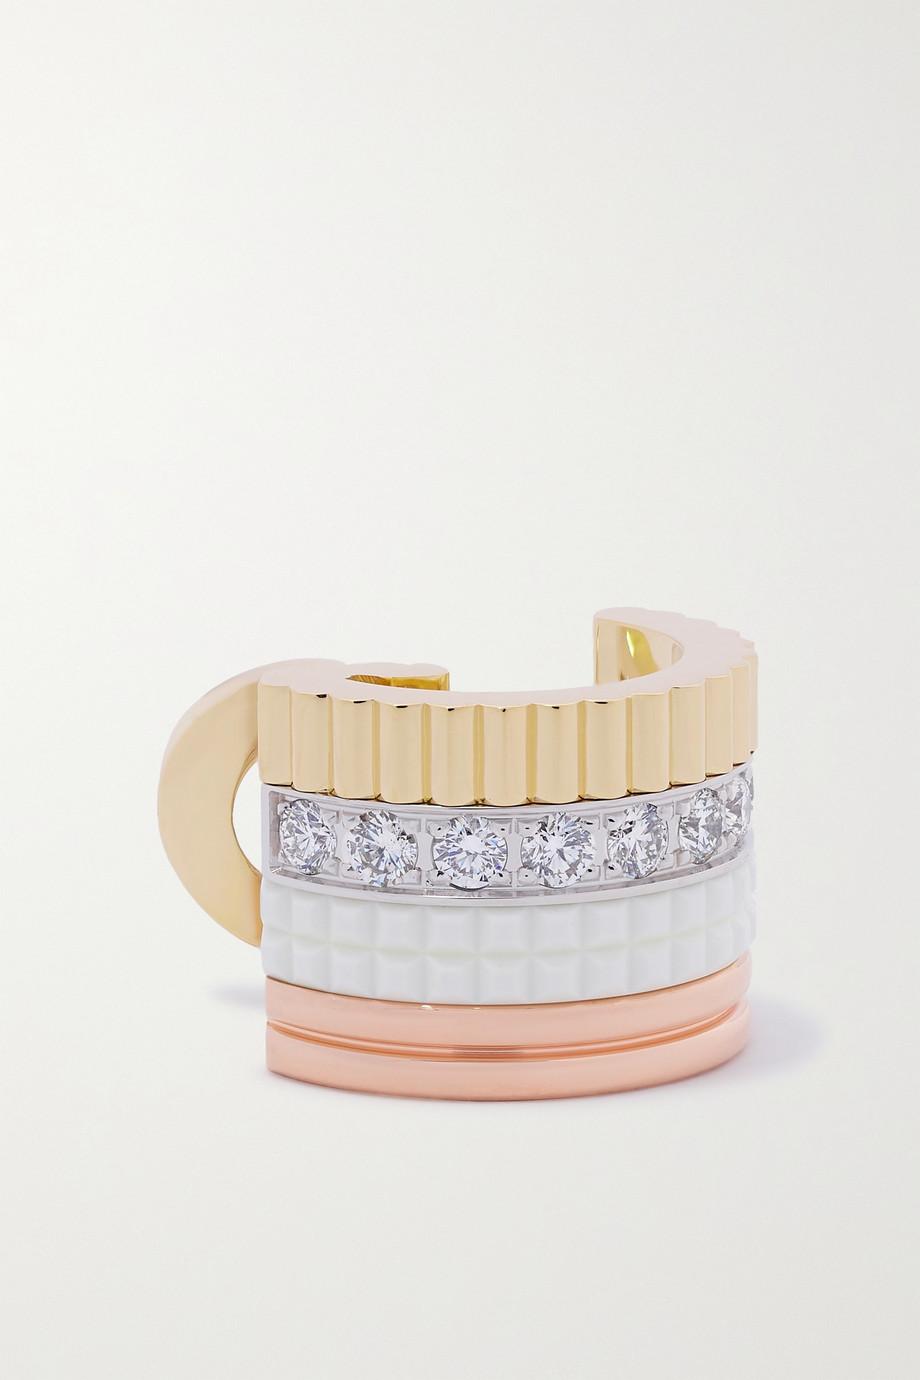 Boucheron Quatre White Edition einzelner Ohrclip aus 18 Karat Gelb-, Weiß- und Roségold mit Keramik und Diamanten